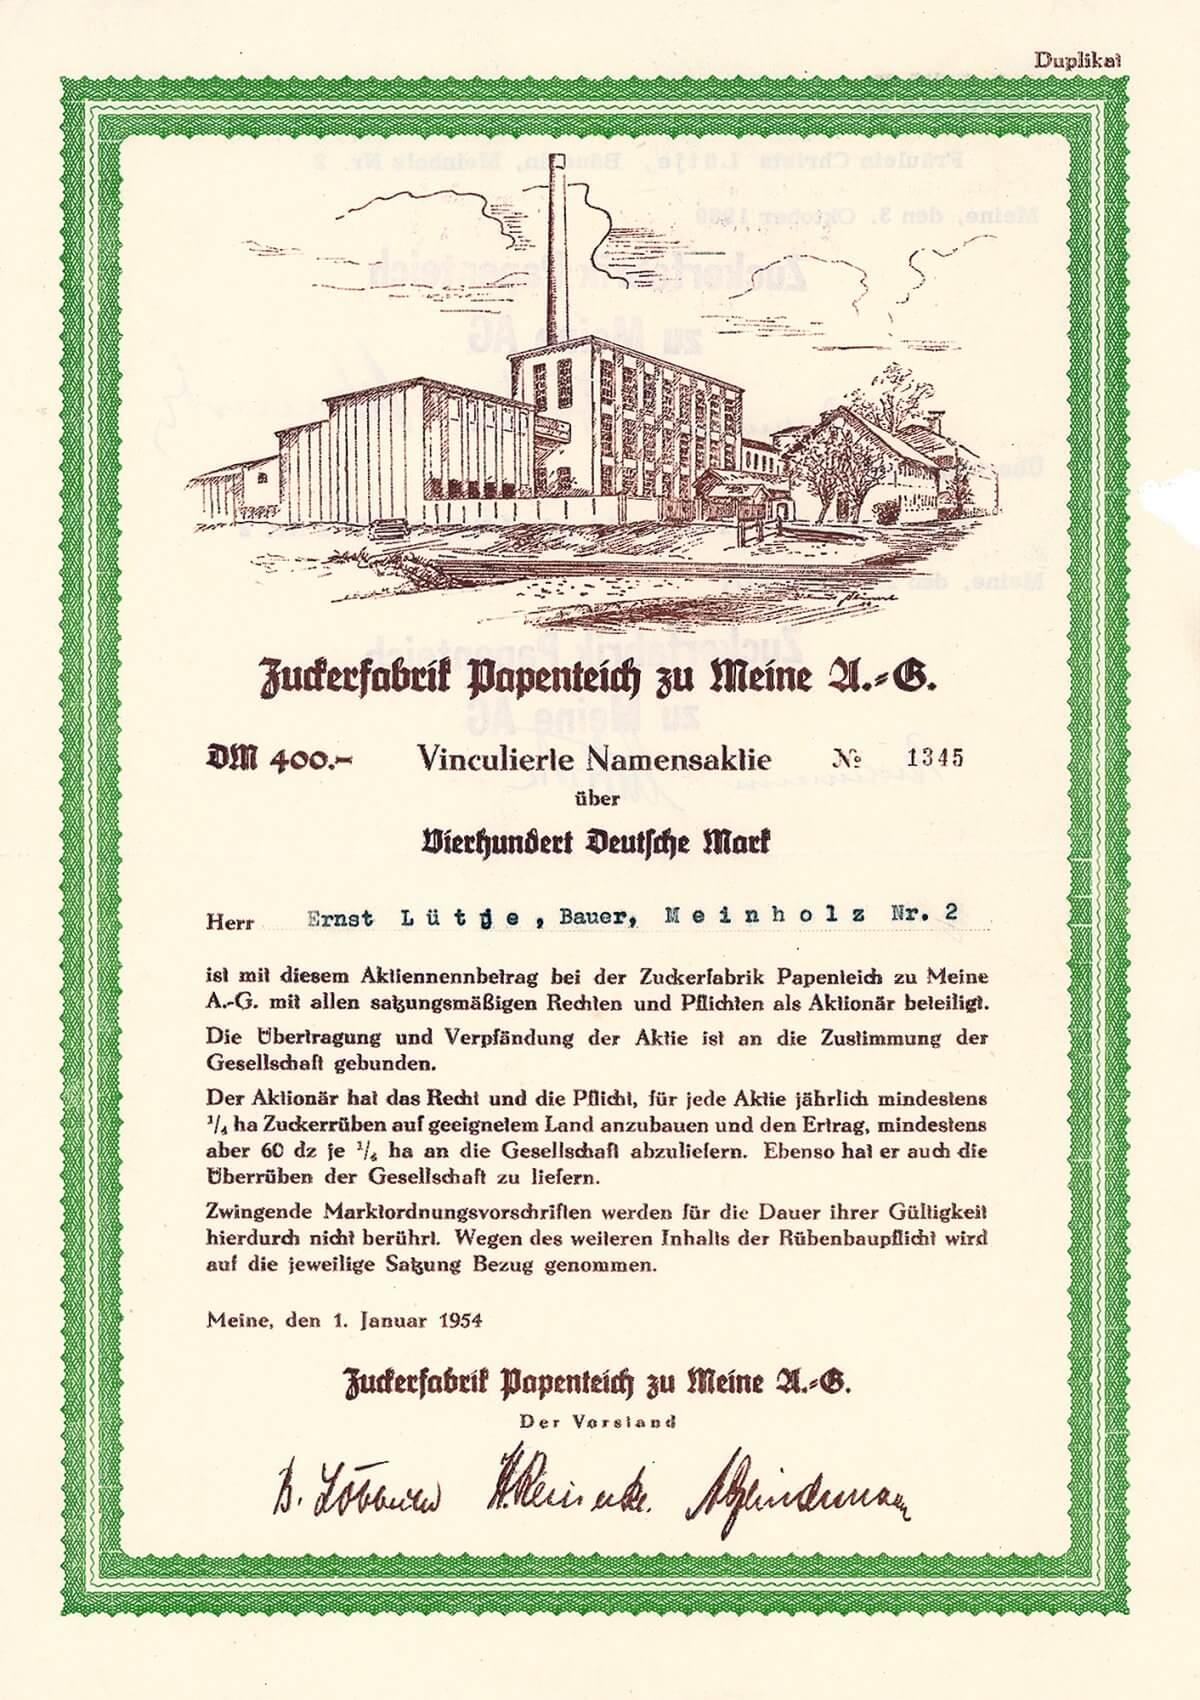 Zuckerfabrik Papenteich zu Meine, Vinculierte Namensaktie über 400 DM, ausgegeben 1954. Die Gesellschaft wurde 1883 gegründet, erbaut von der Braunschweigischen Maschinenbauanstalt. Die Namensaktien (Rübenaktien) waren mit einer Lieferverpflichtung verbunden. 1923 erfolgte der Zusammenschluß mit der Magdeburg-Braunschweigischen Rohrzuckervereinigung. 1925 erwarb man als Konsortium mit vier anderen Zuckerfabriks-Gesellschaften die Aktien der Zuckerraffinerie Braunschweig. Die Zuckerfabrik Papenteich gehörte zu den modernsten Betrieben ihrer Art in Norddeutschland. Sie ging Anfang der 1990er Jahren in die Nordzucker auf. Der Betrieb wurde danach stillgelegt.